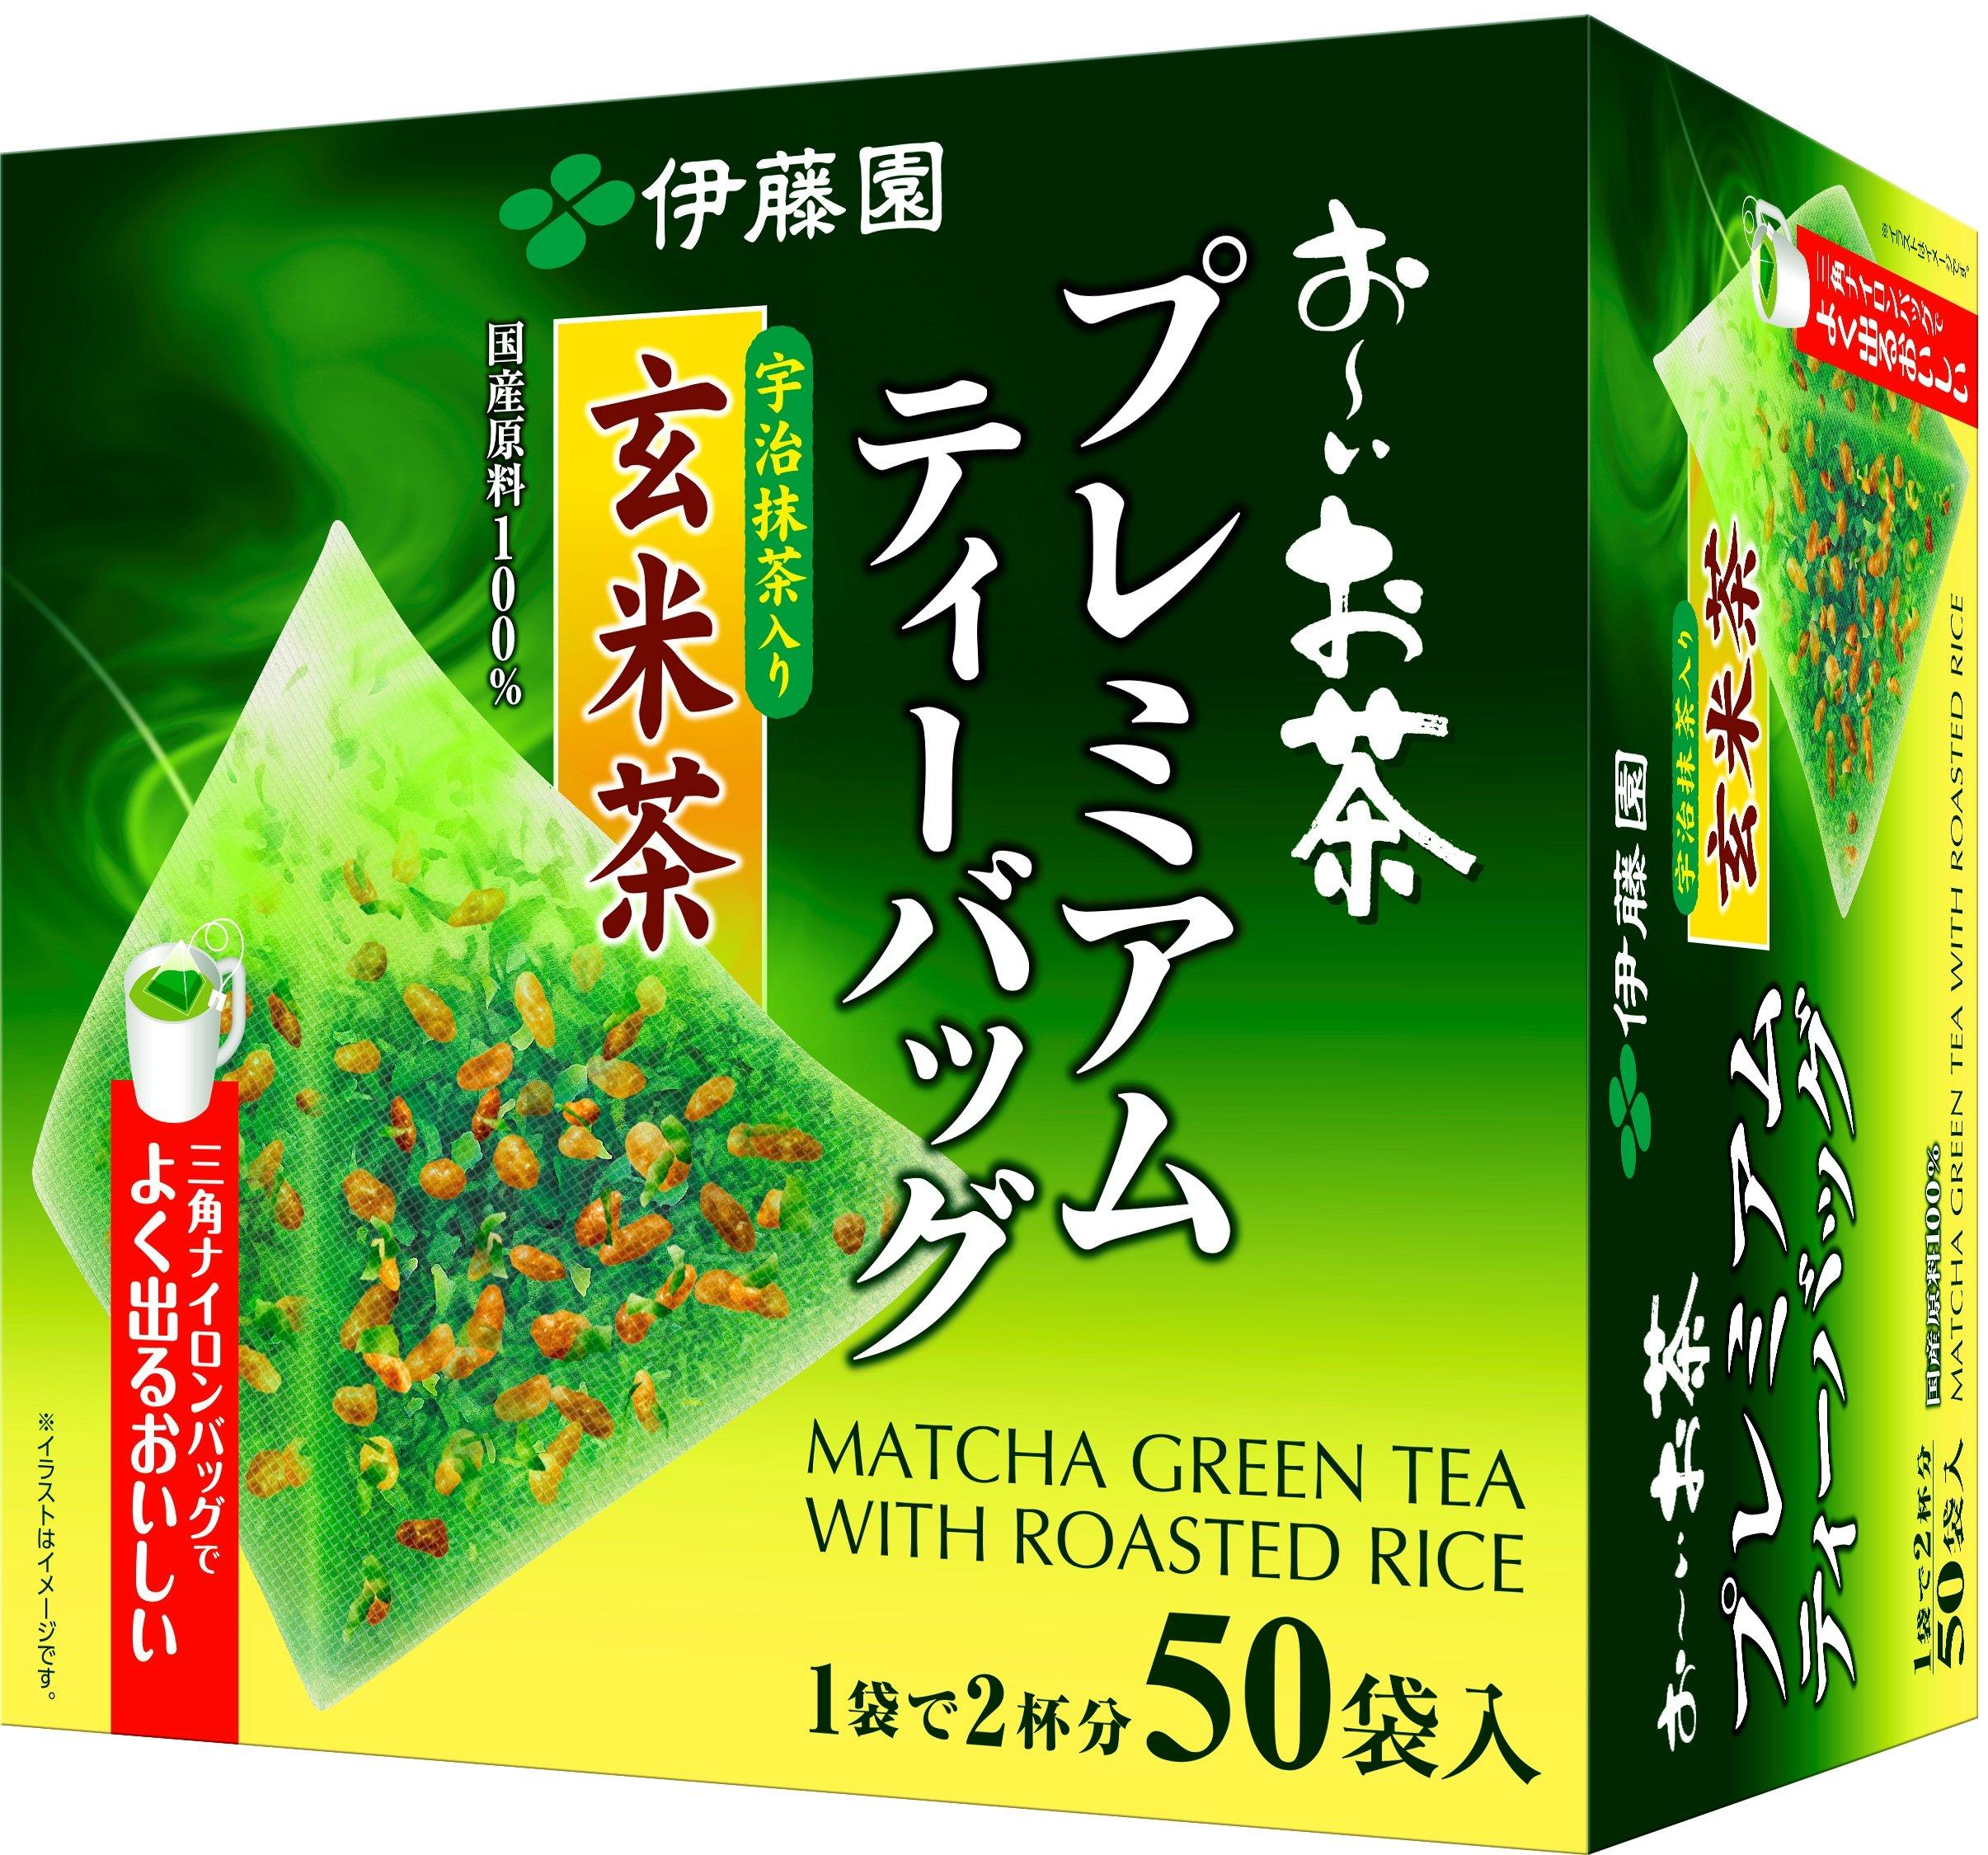 Itoen Genmaicha (Brown Rice Tea) Matcha Blend Premium Bag 2.3g Pack of 50